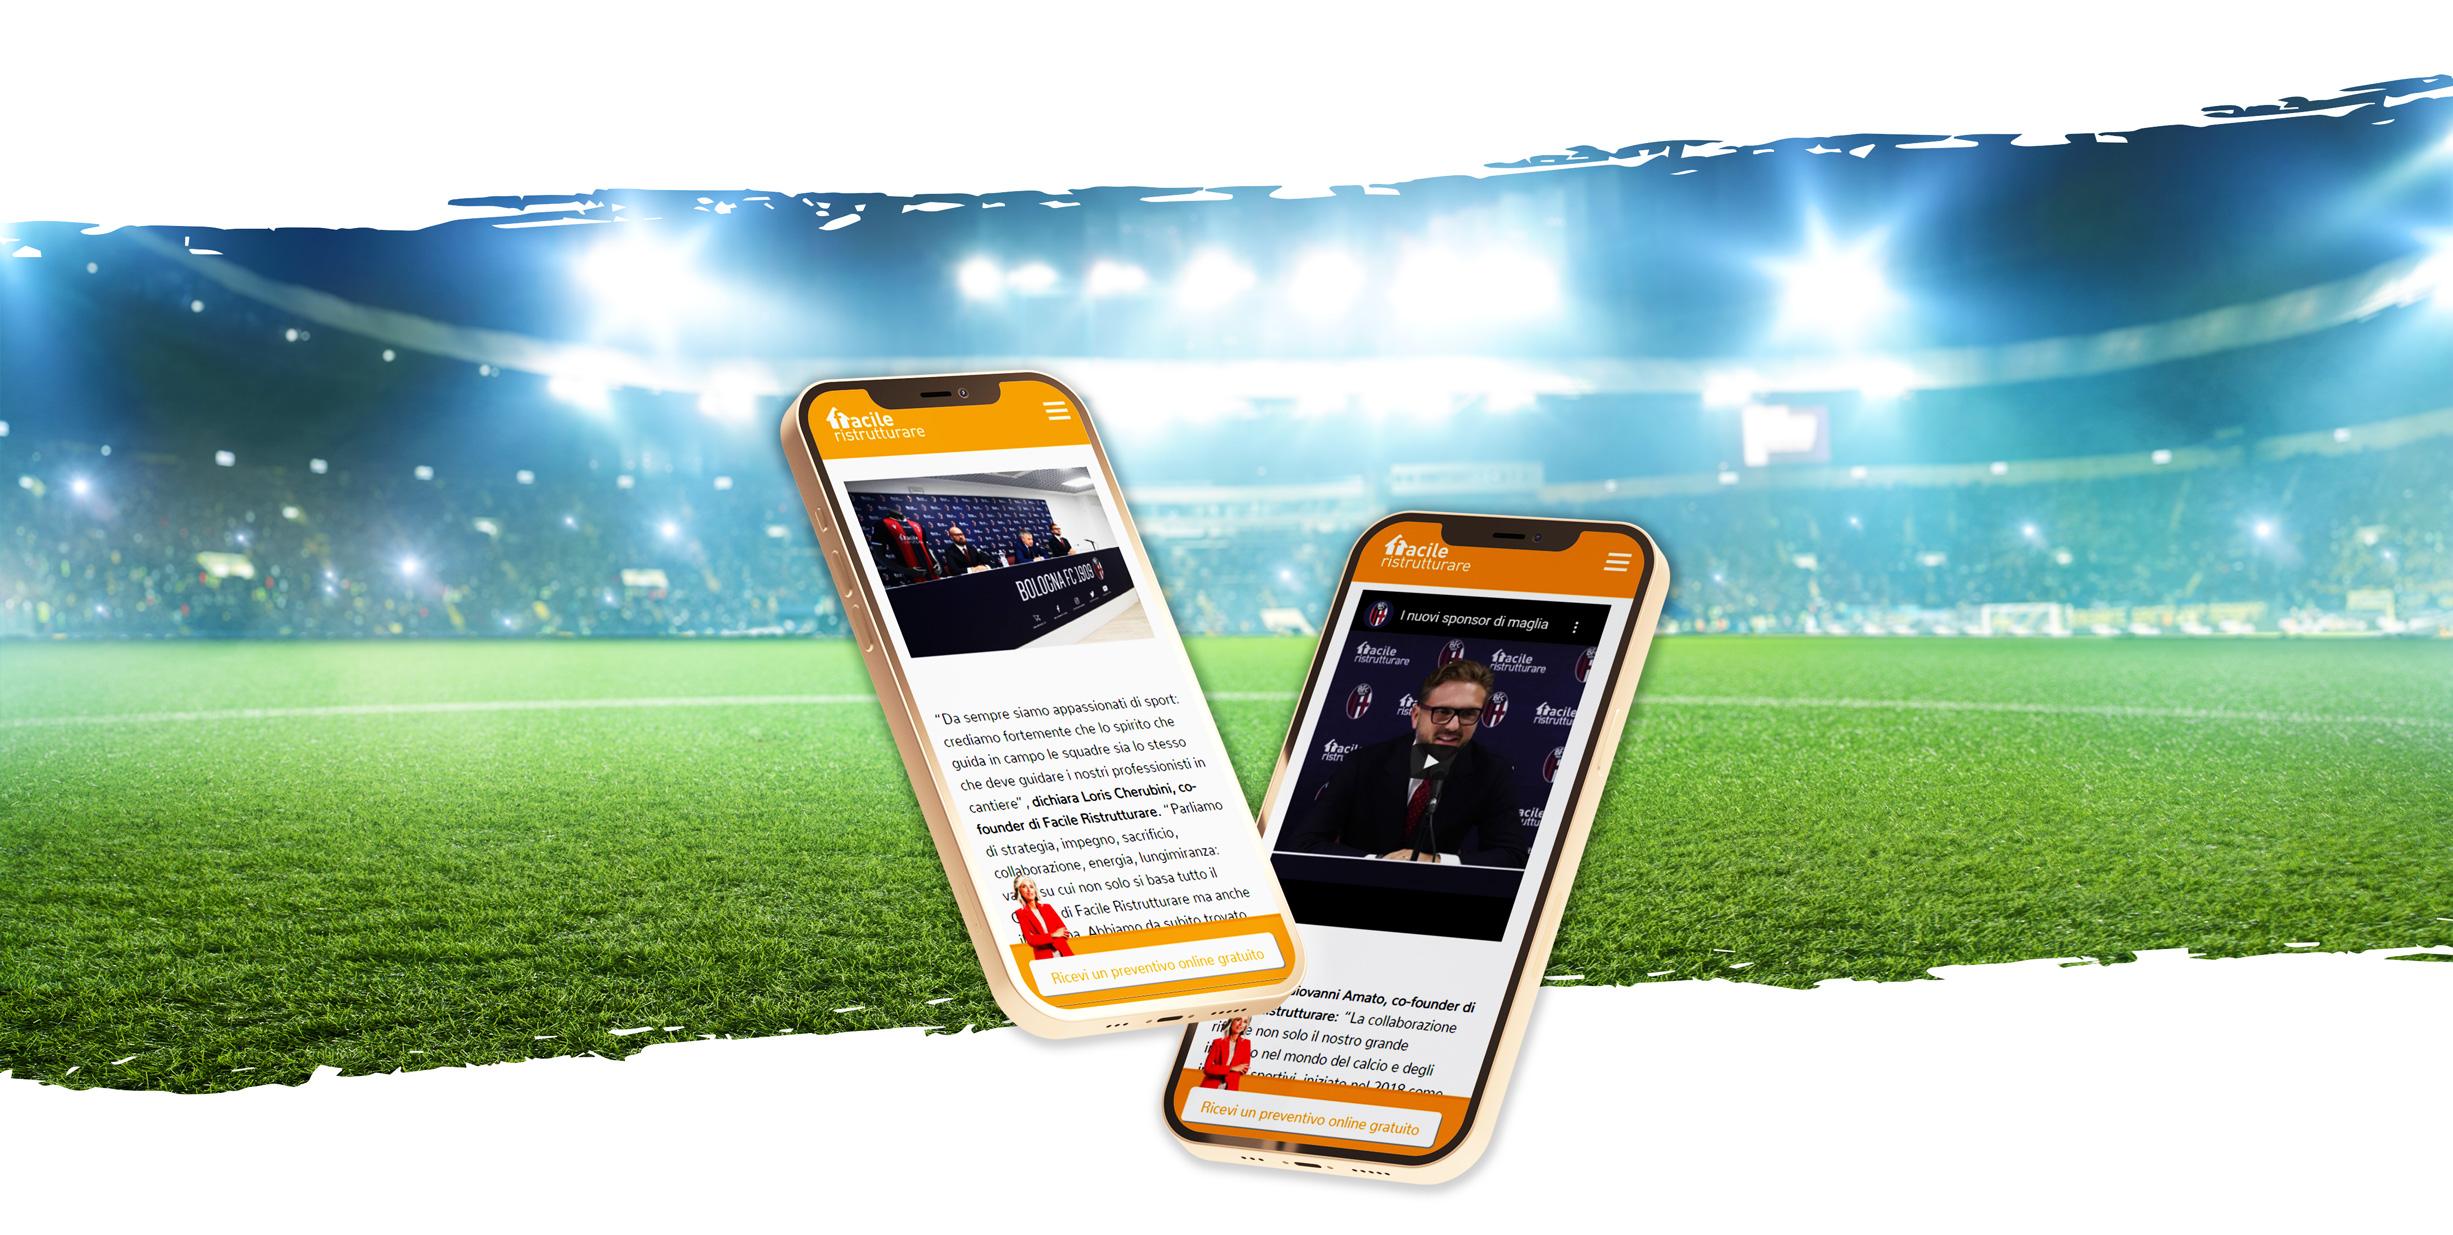 Smartphone con sito web di Facile Ristrutturare con stadio di sfondo